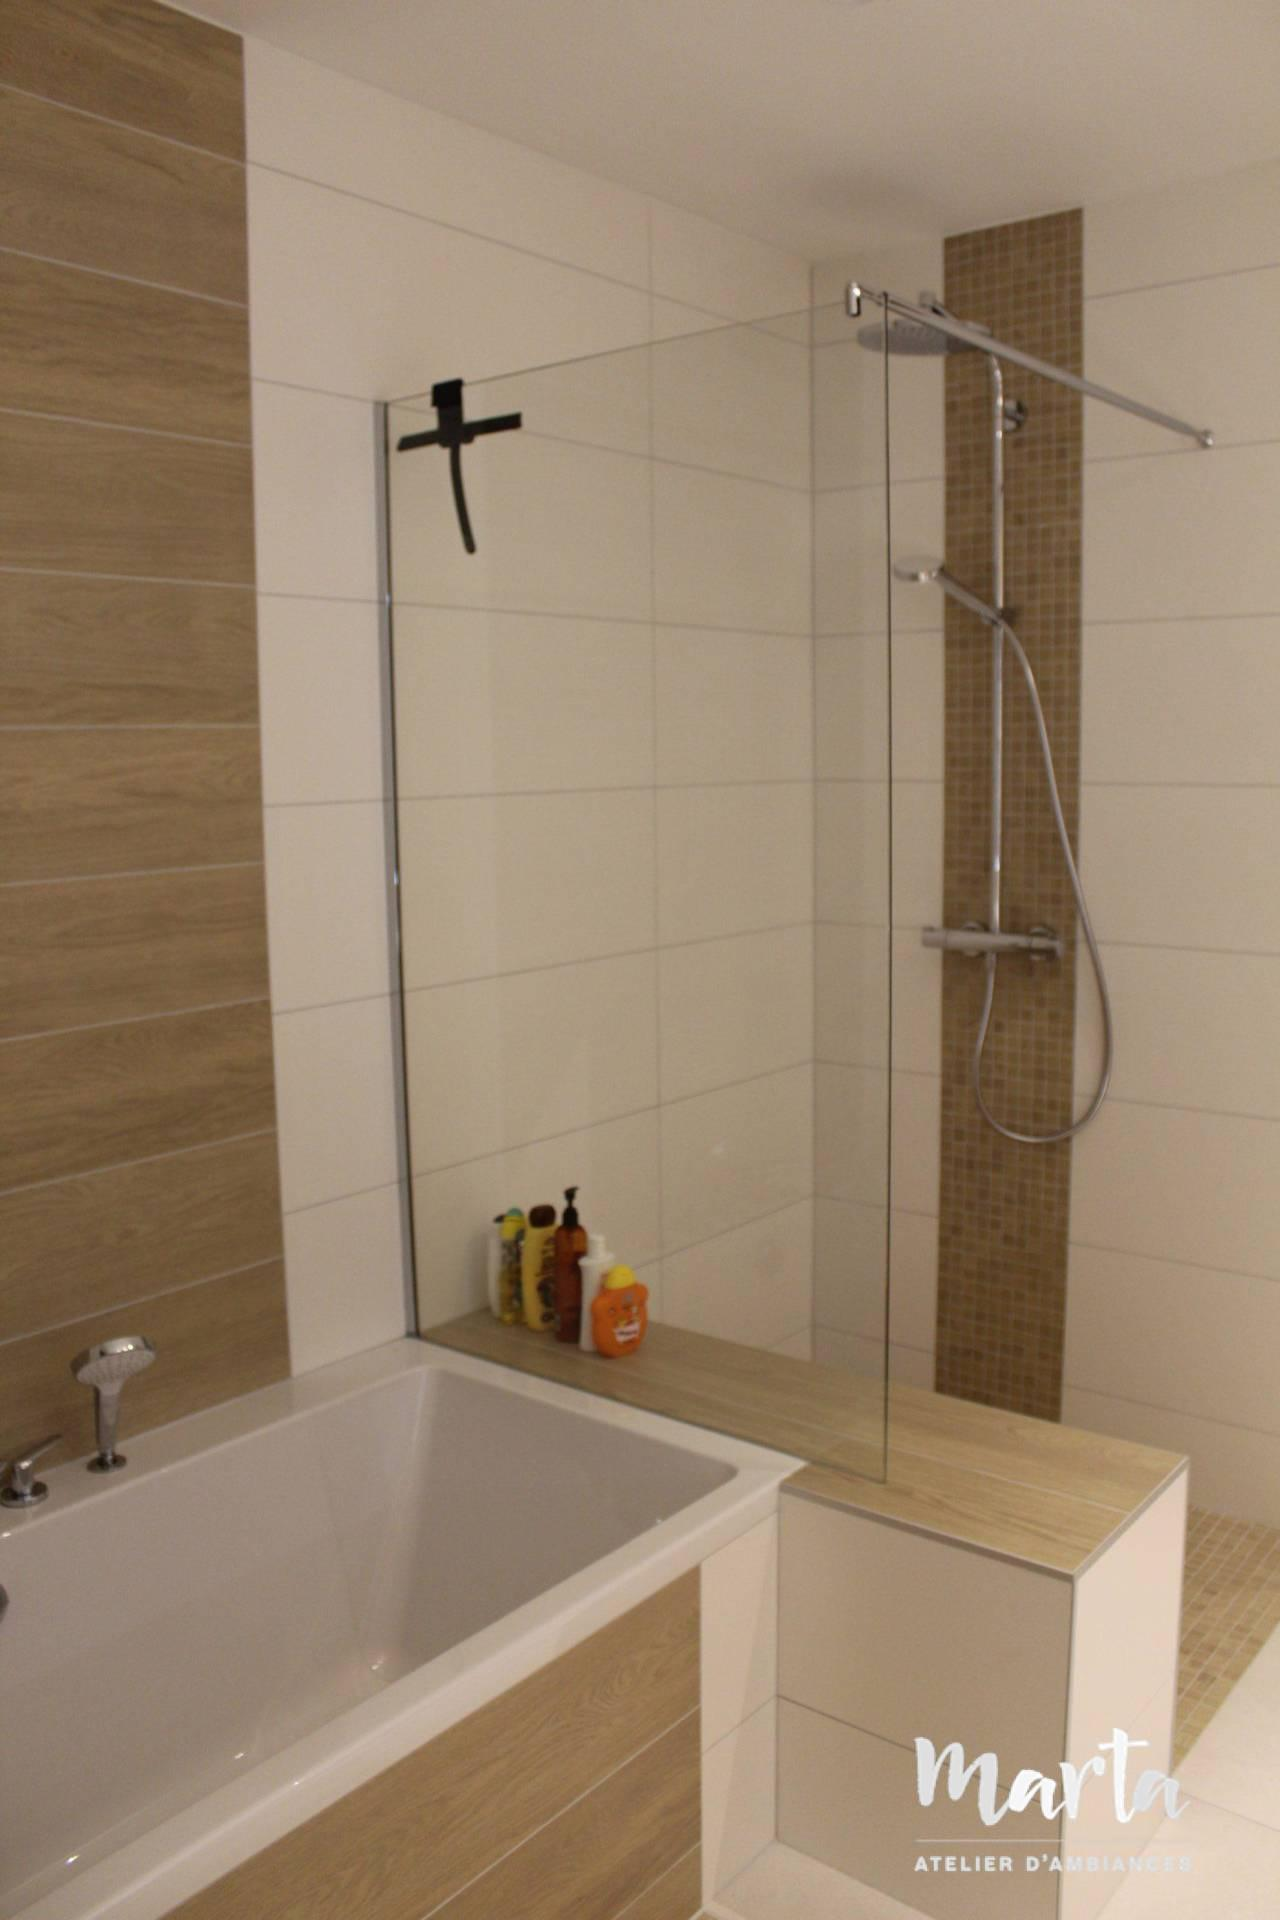 Petit muret avec paroi en verre qui sépare la baignoire et la douche., par Marta Atelier d'Ambiances, Architecte d'intérieur à Mulhouse, Alsace